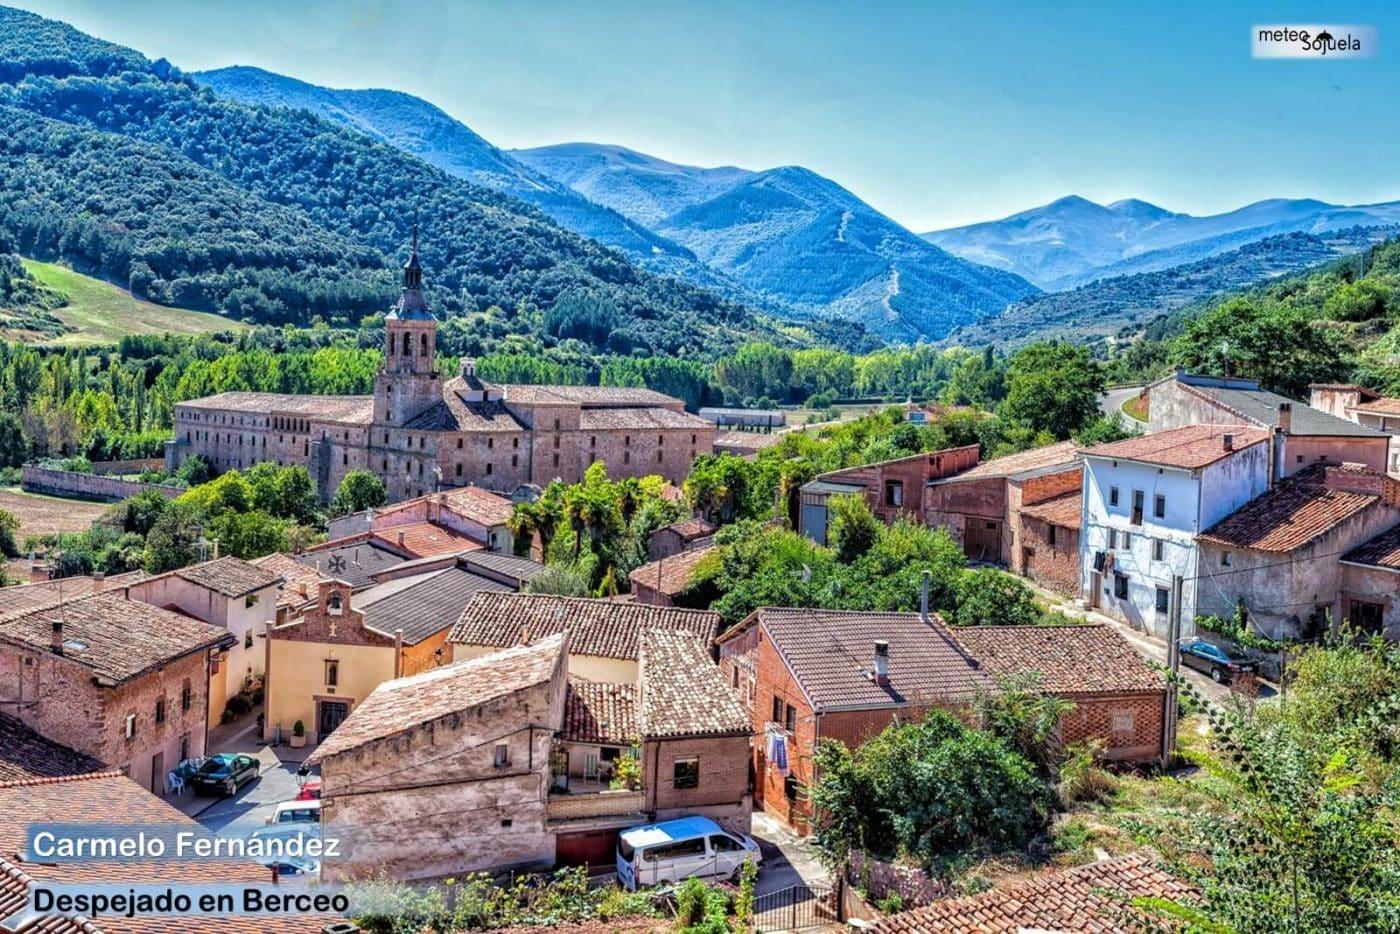 Atención a los posibles efectos indirectos de Leslie y Michael en La Rioja 8